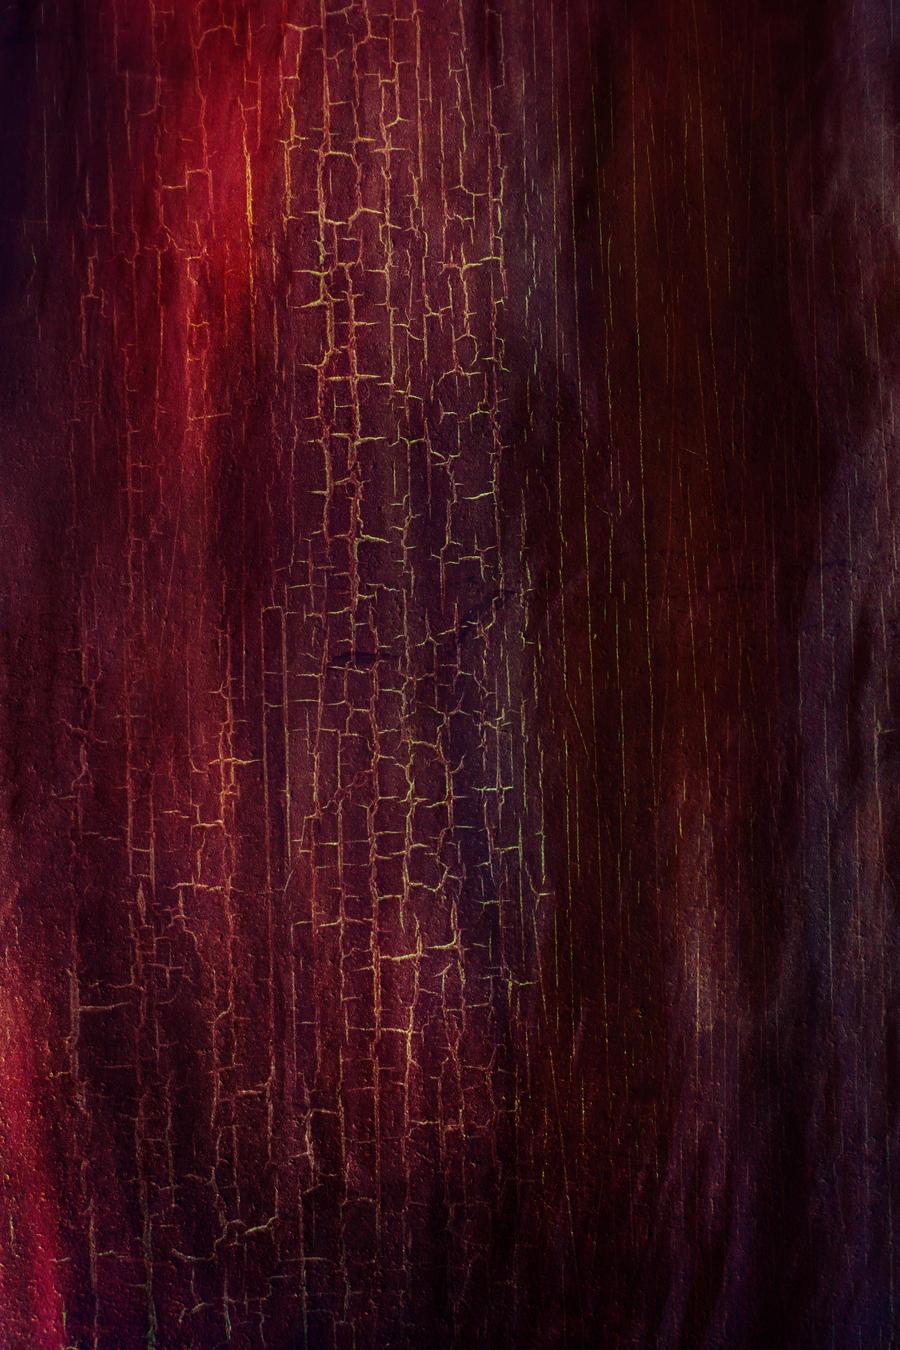 Texture 374 by Sirius-sdz